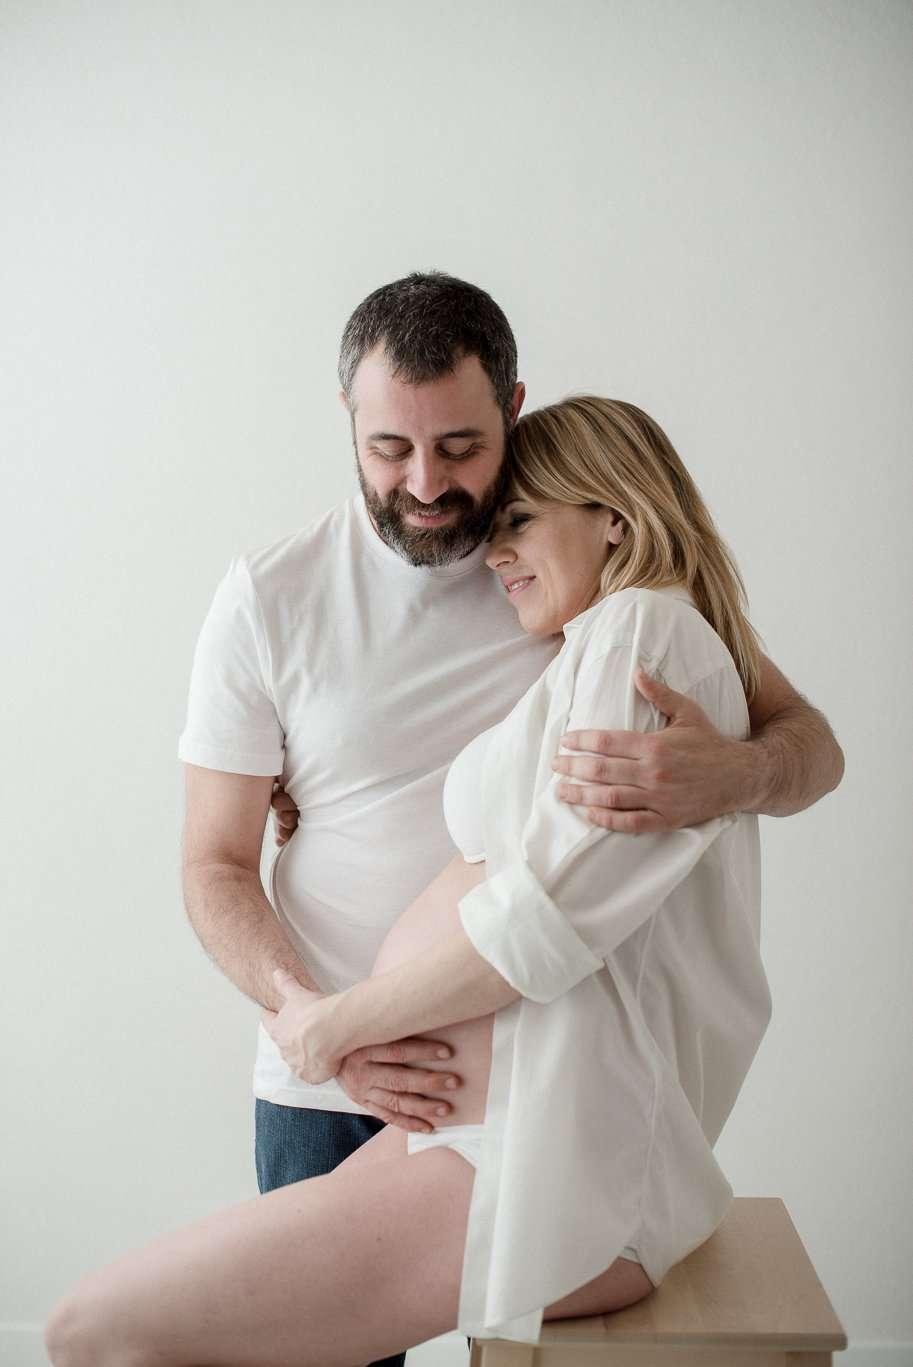 Fotografia coppia amore realizzata da Barbara Trincone Fotografo specializzato in Gravidanza, Maternità, Genitorialità, Nascita e Newborn